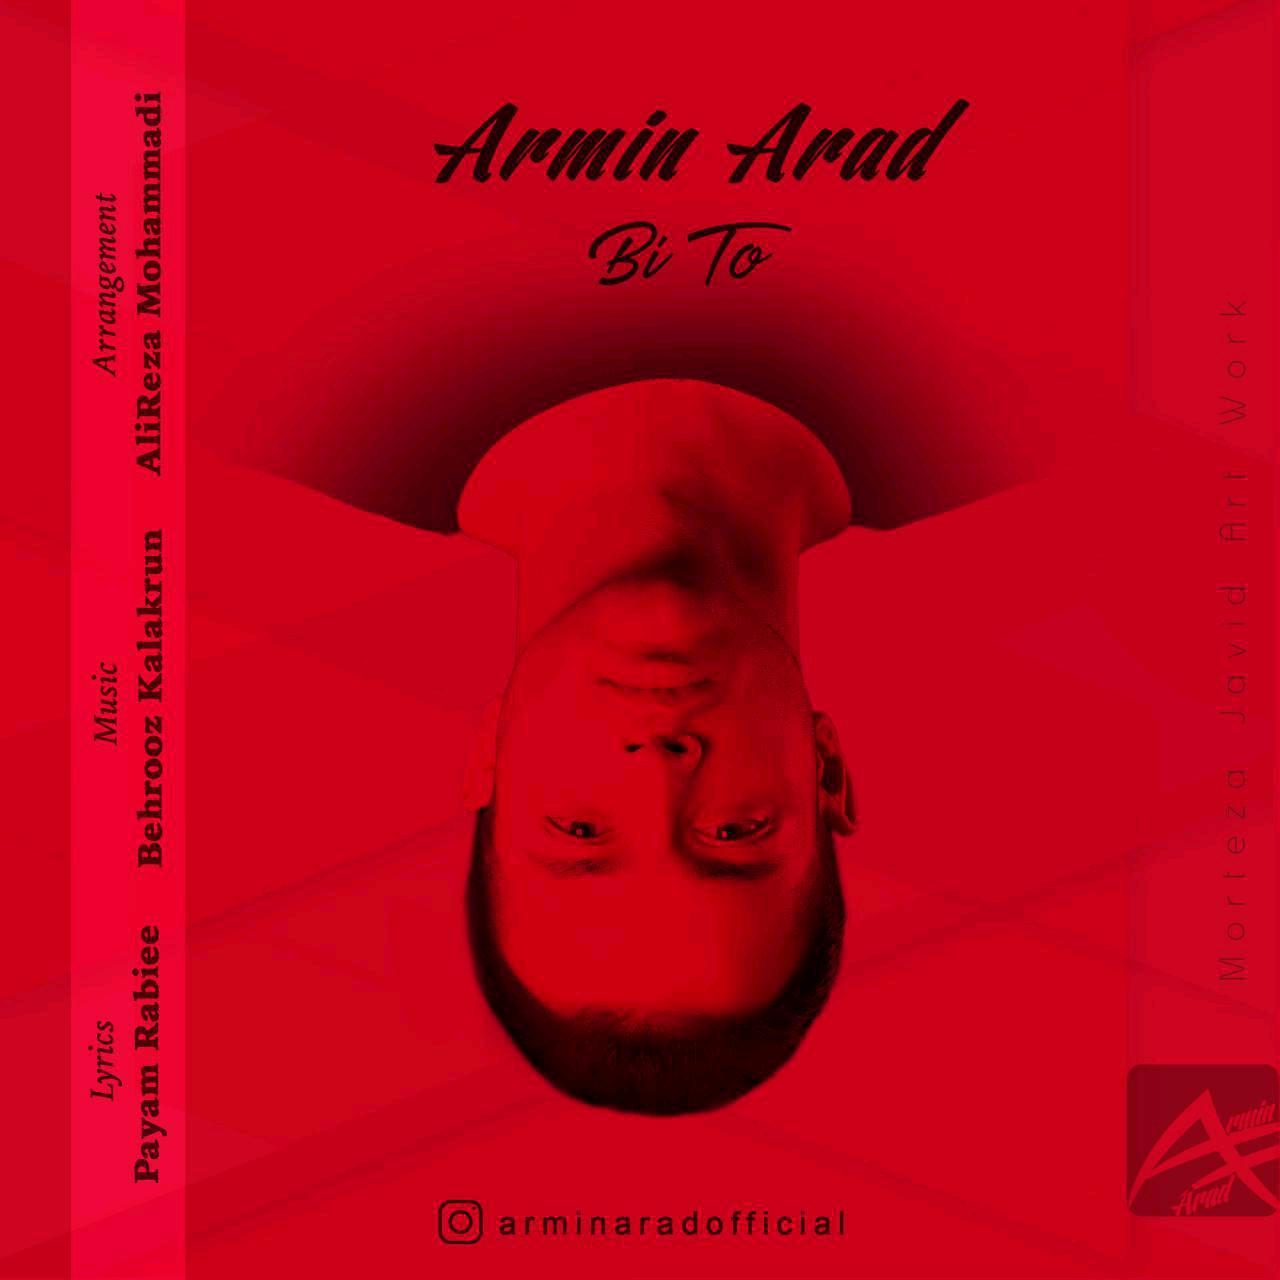 دانلود آهنگ جدید آرمین آراد بنام بی تو